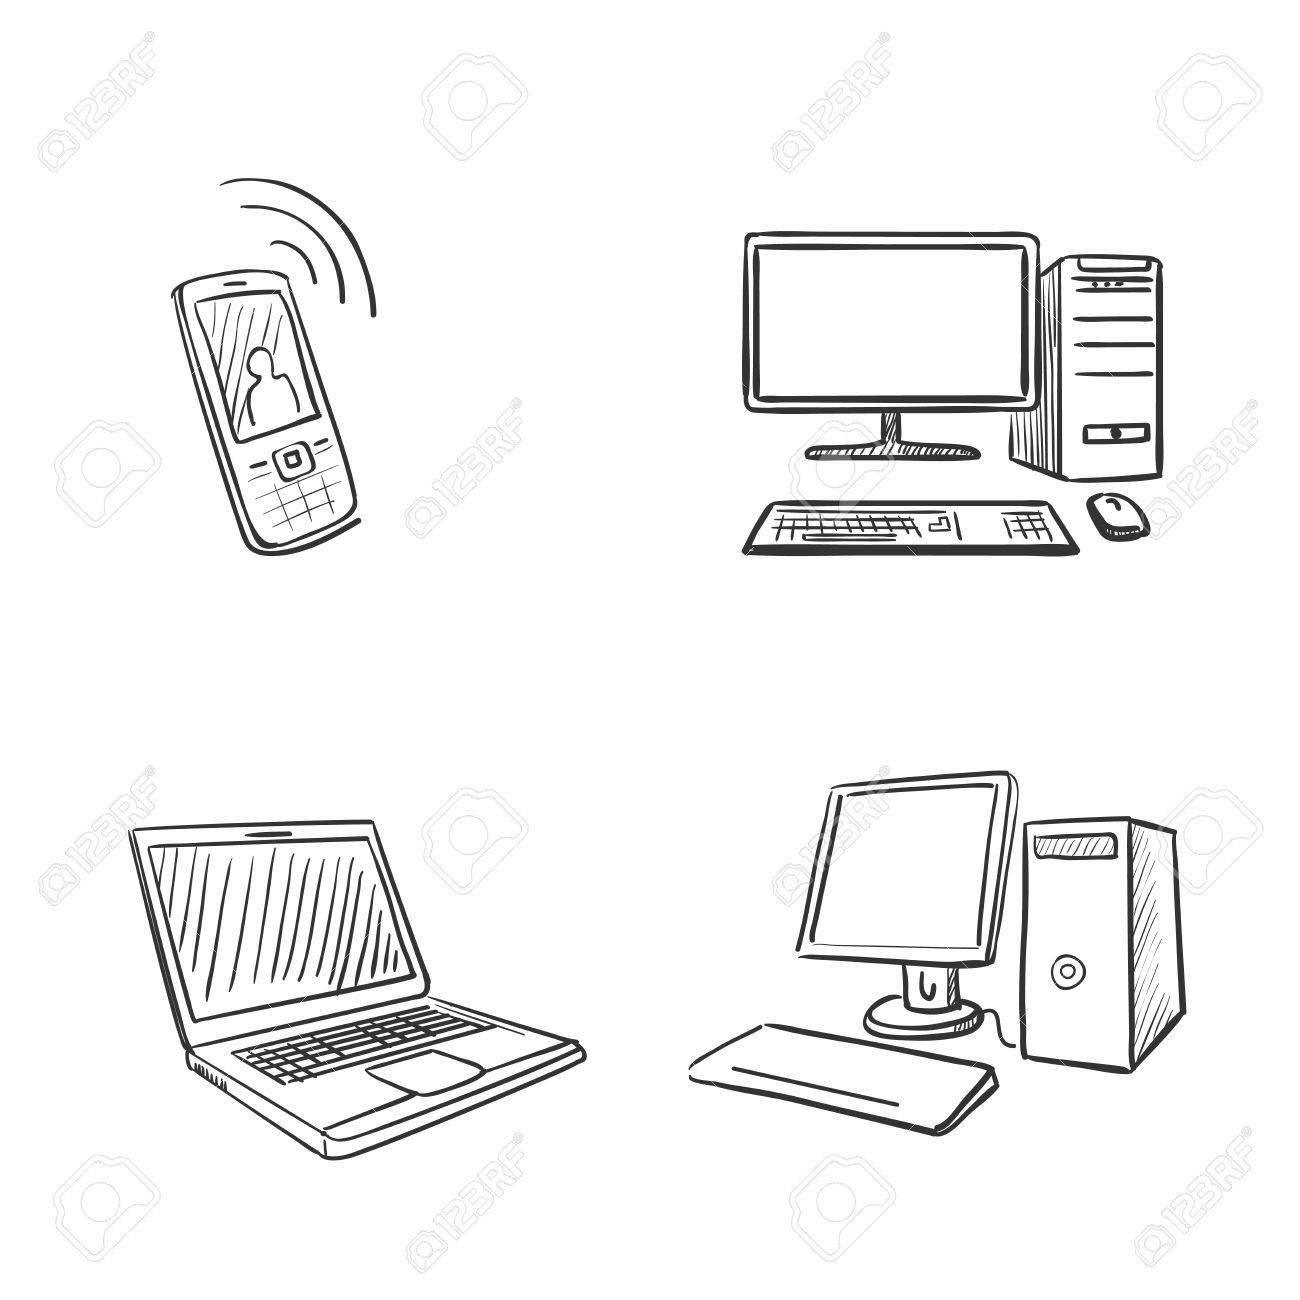 Main Dessiner Ordinateur Portable De L'ordinateur Et Le Téléphone Doodle  Clip Art Libres De Droits , Vecteurs Et Illustration. Image 39250829.